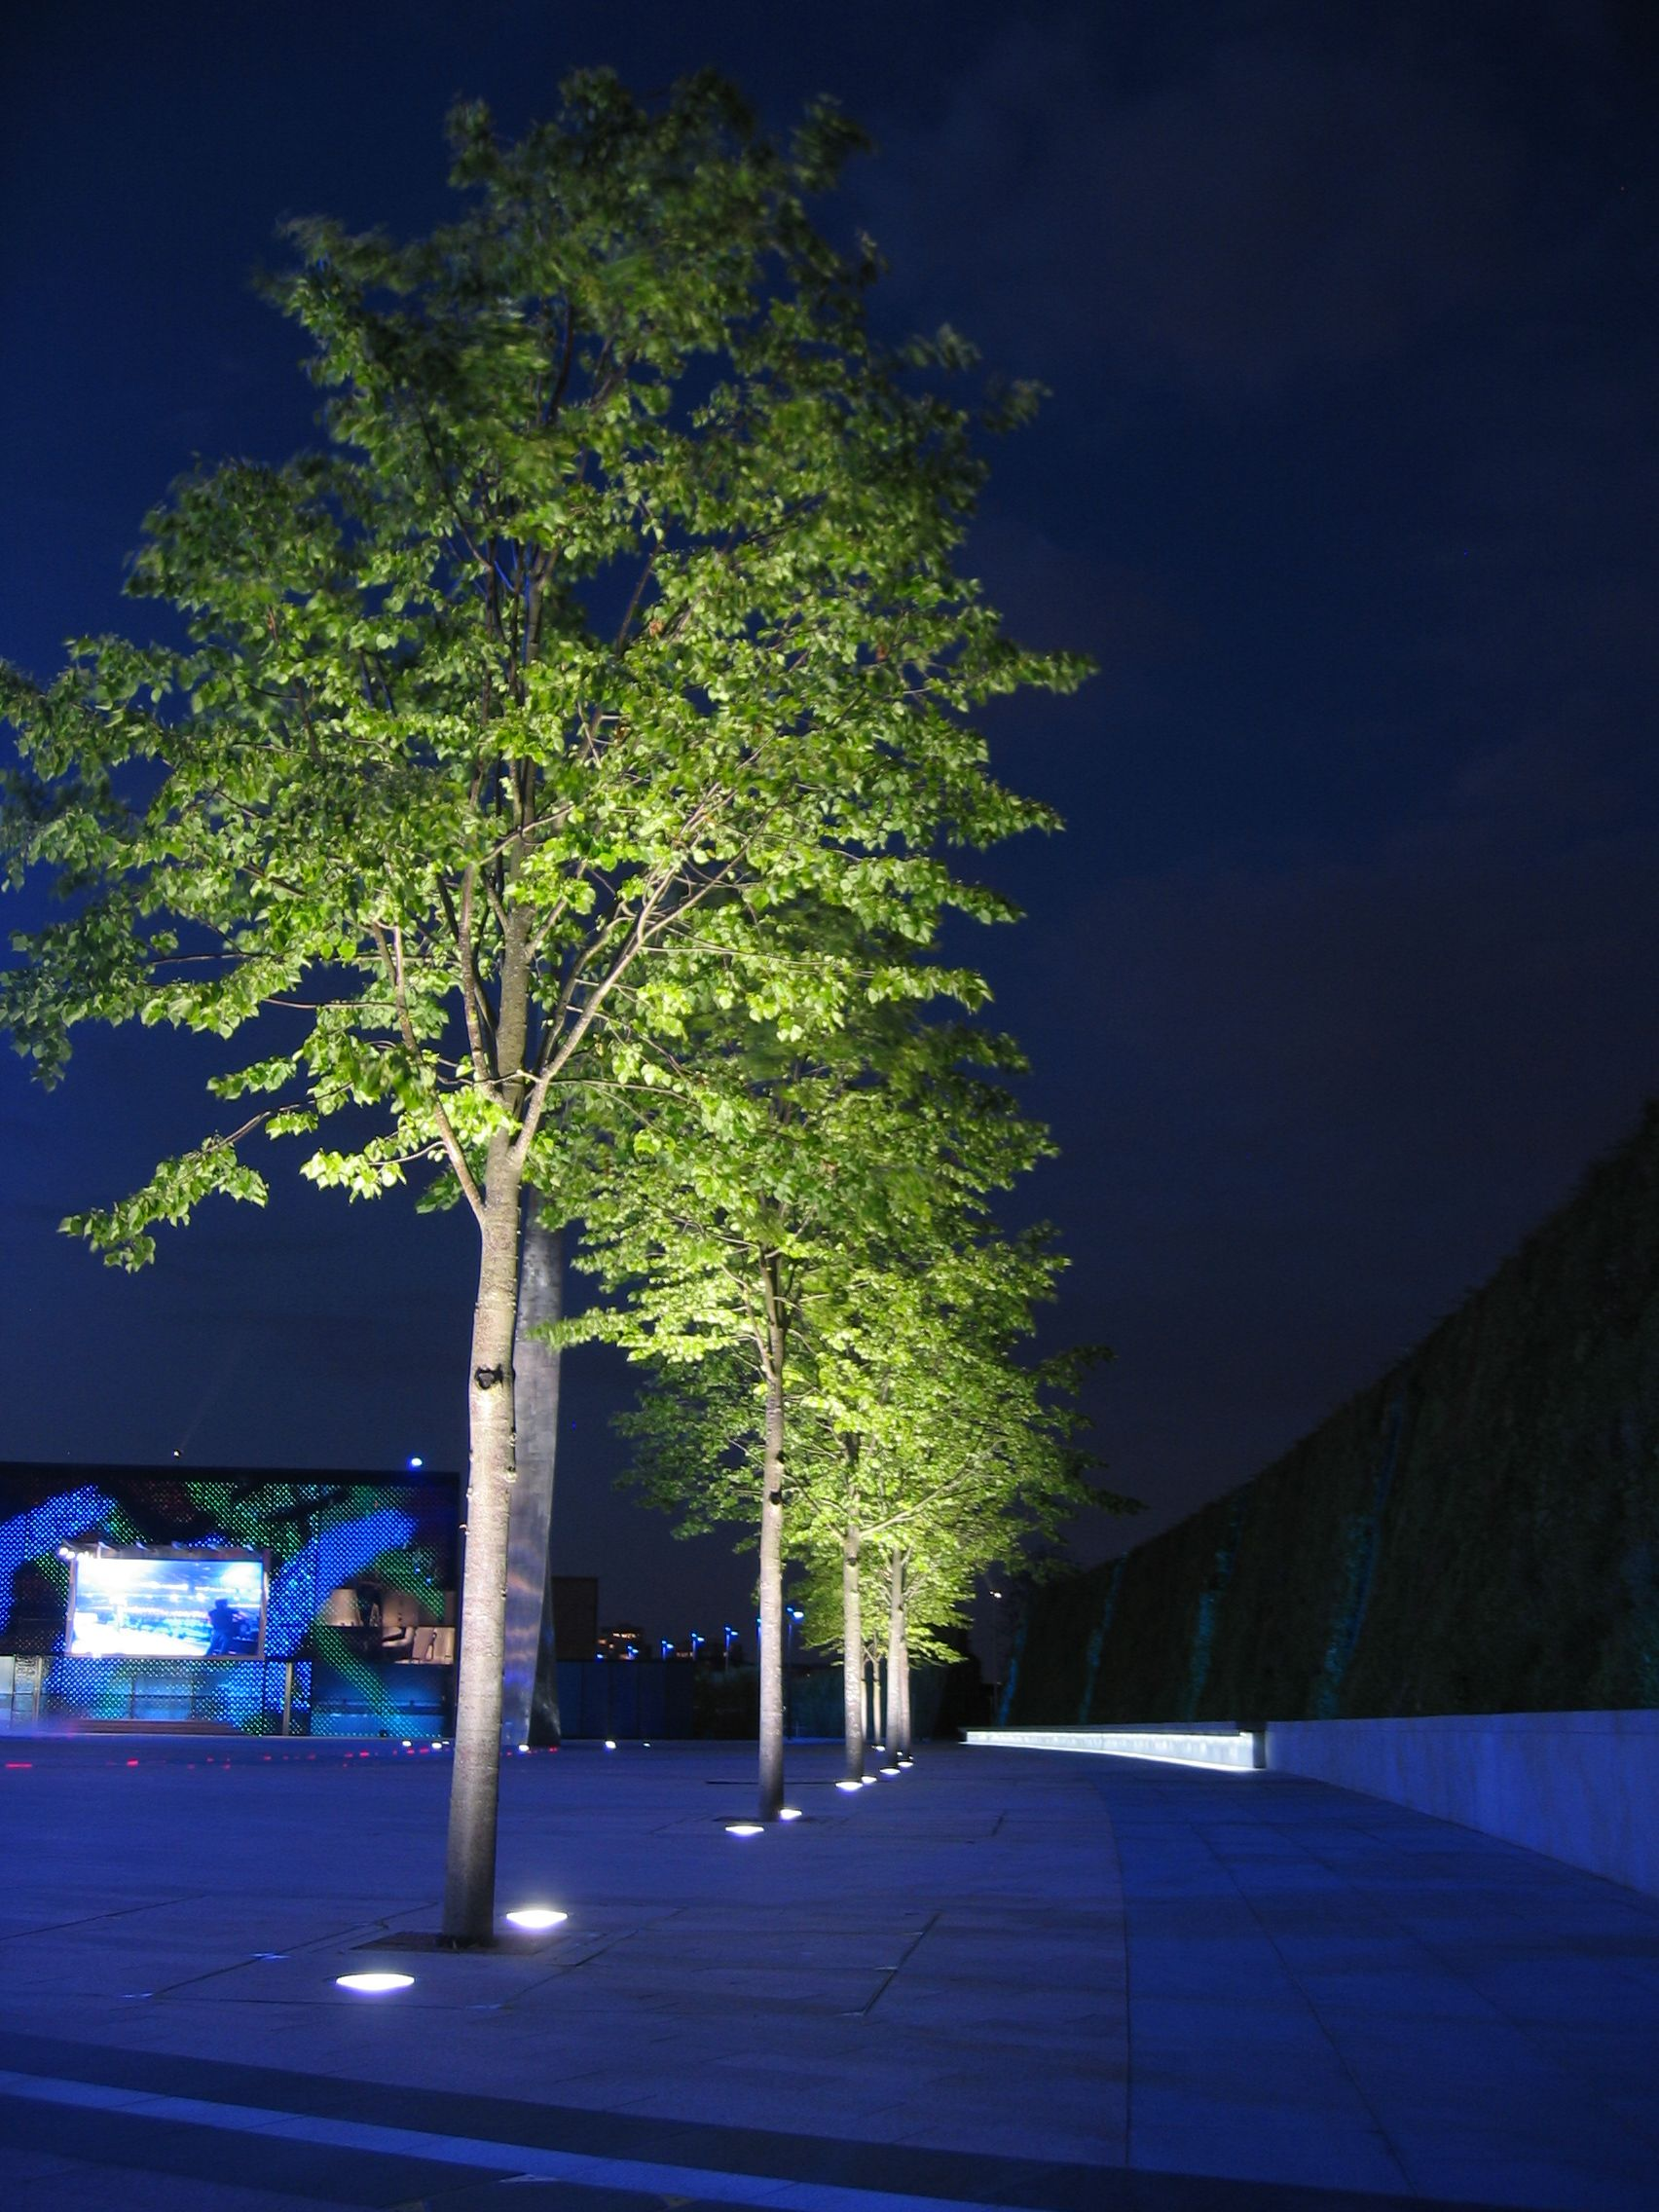 Tree lighting tree lighting pinterest lights for Garden city trees